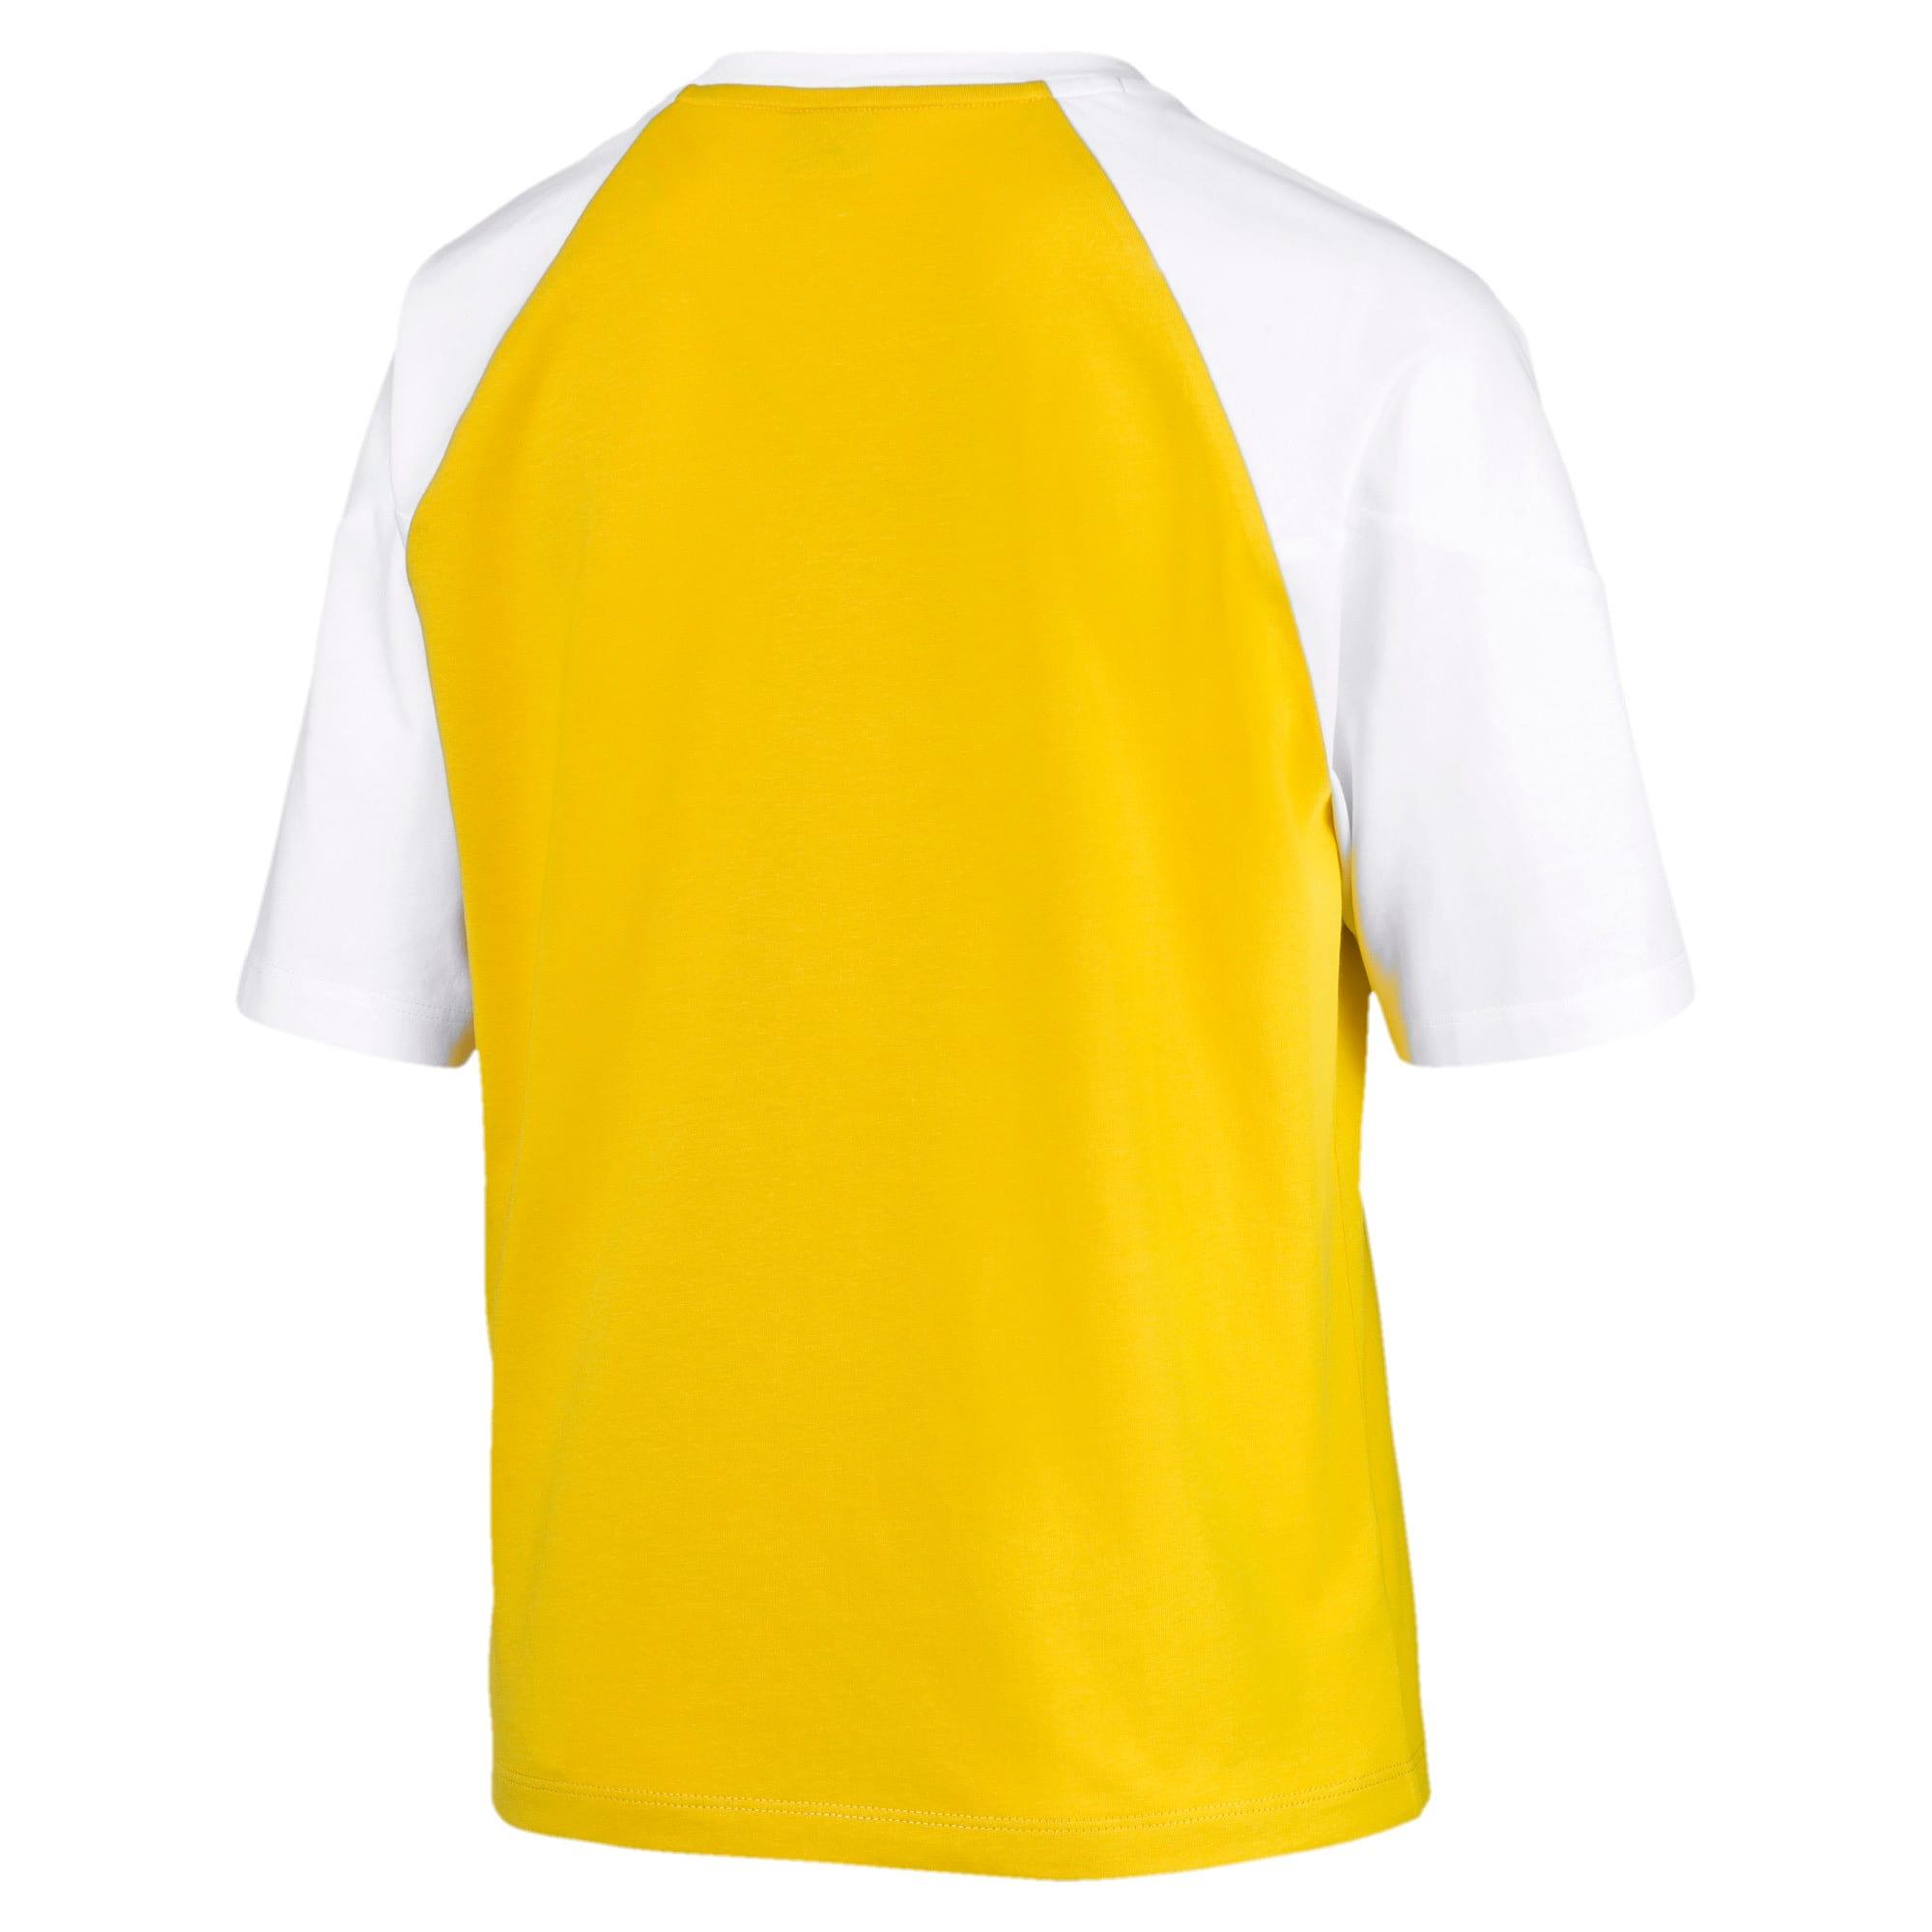 Miniatura 5 de Camiseta PUMA XTG en colores combinados para mujer, Sulphur, mediano